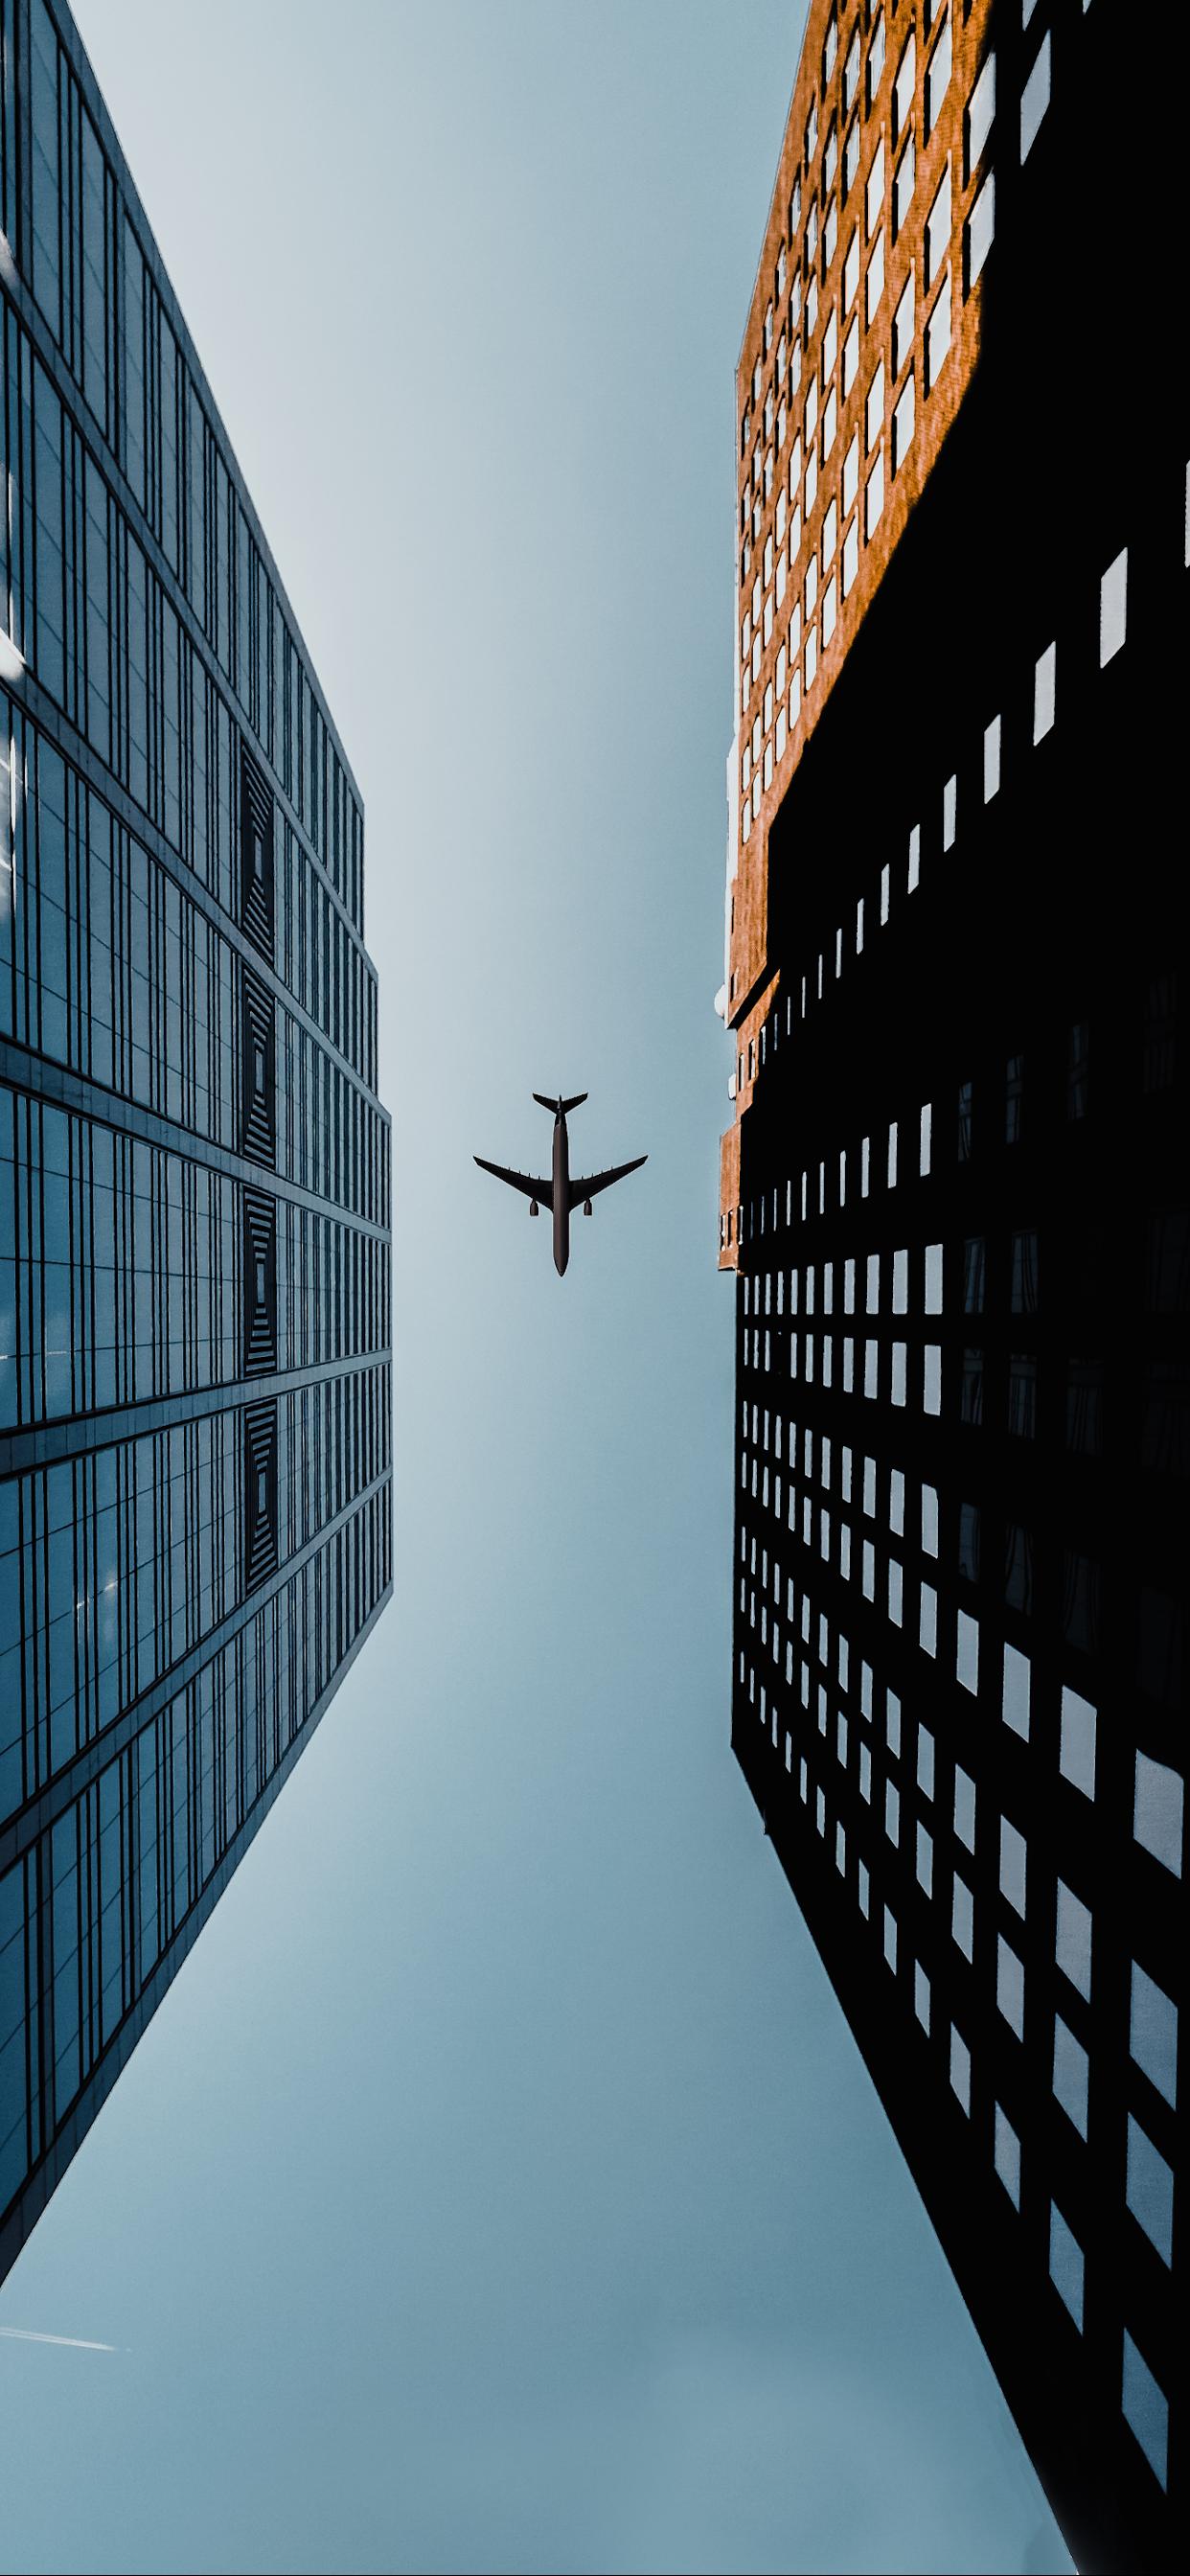 iPhone wallpapers airplane middle buildings Fonds d'écran iPhone du 13/08/2019